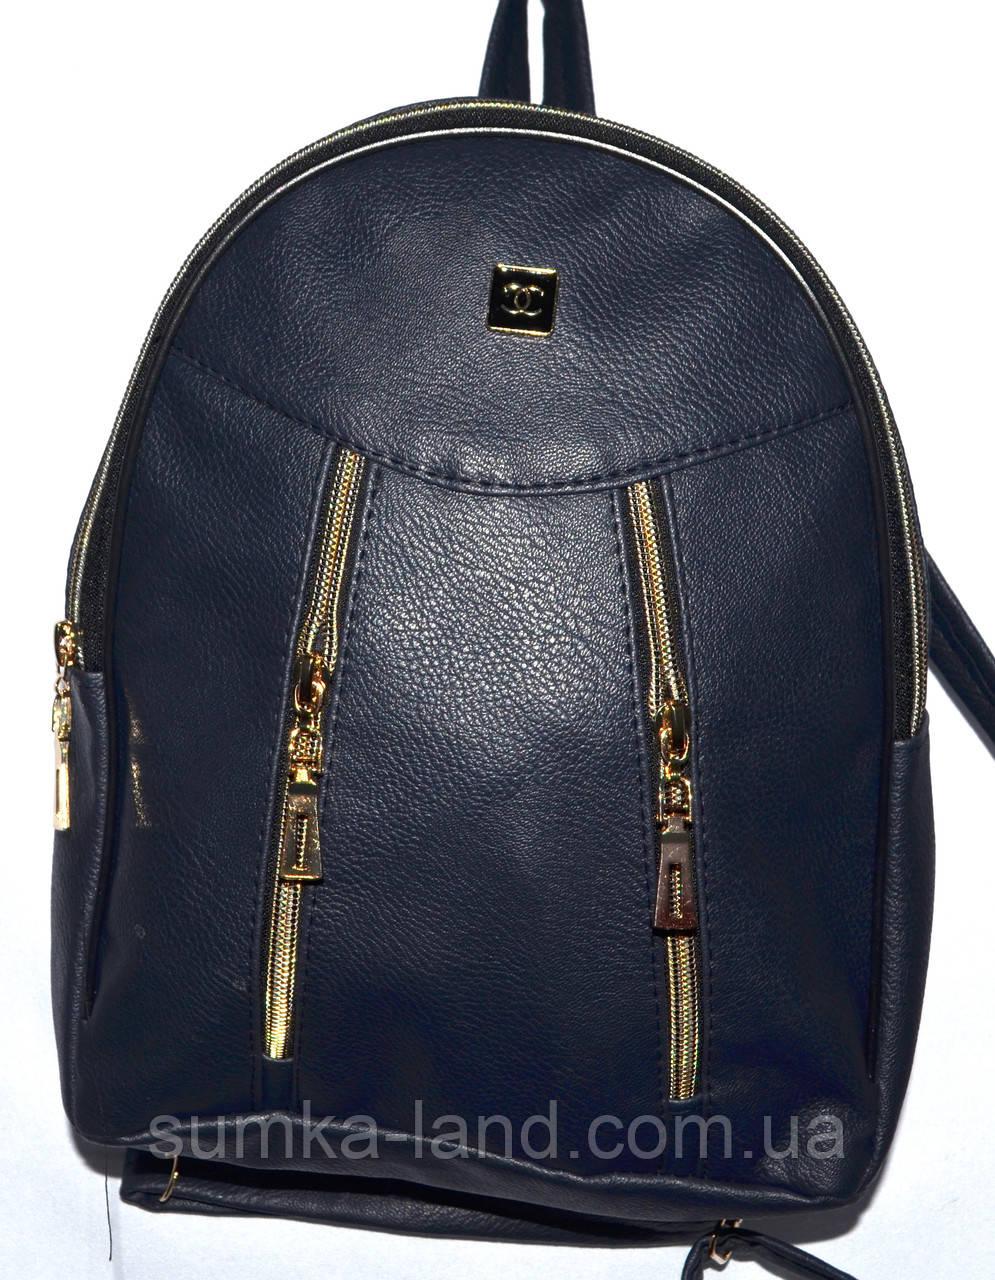 6c26d76cd8a1 Женский синий брендовый рюкзак Шанель 25*30 см - SUMKA-LAND в Харькове